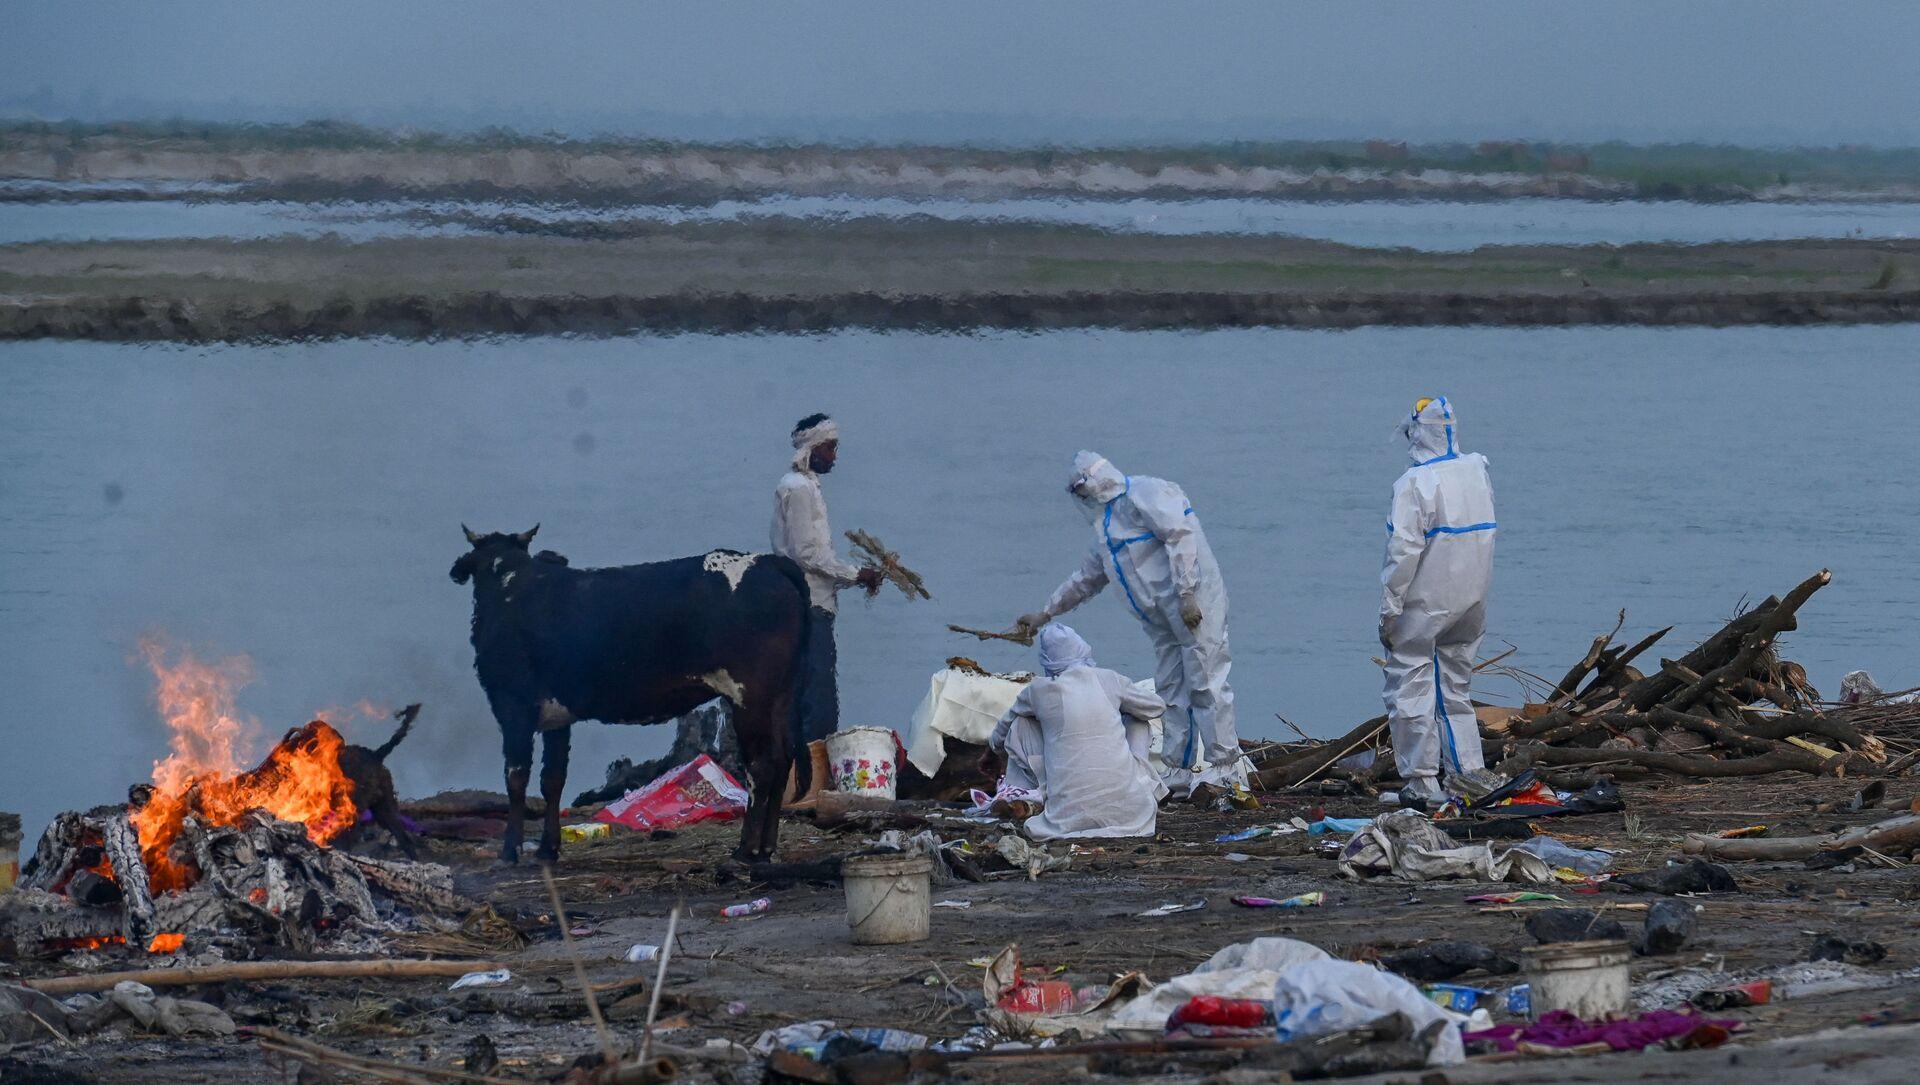 Ganj Nehri kıyısında bir Kovid-19 kurbanının yakılması (Hindistan'ın Uttar Pradesh eyaletinin Garhmukteshwar kenti) - Sputnik Türkiye, 1920, 12.05.2021